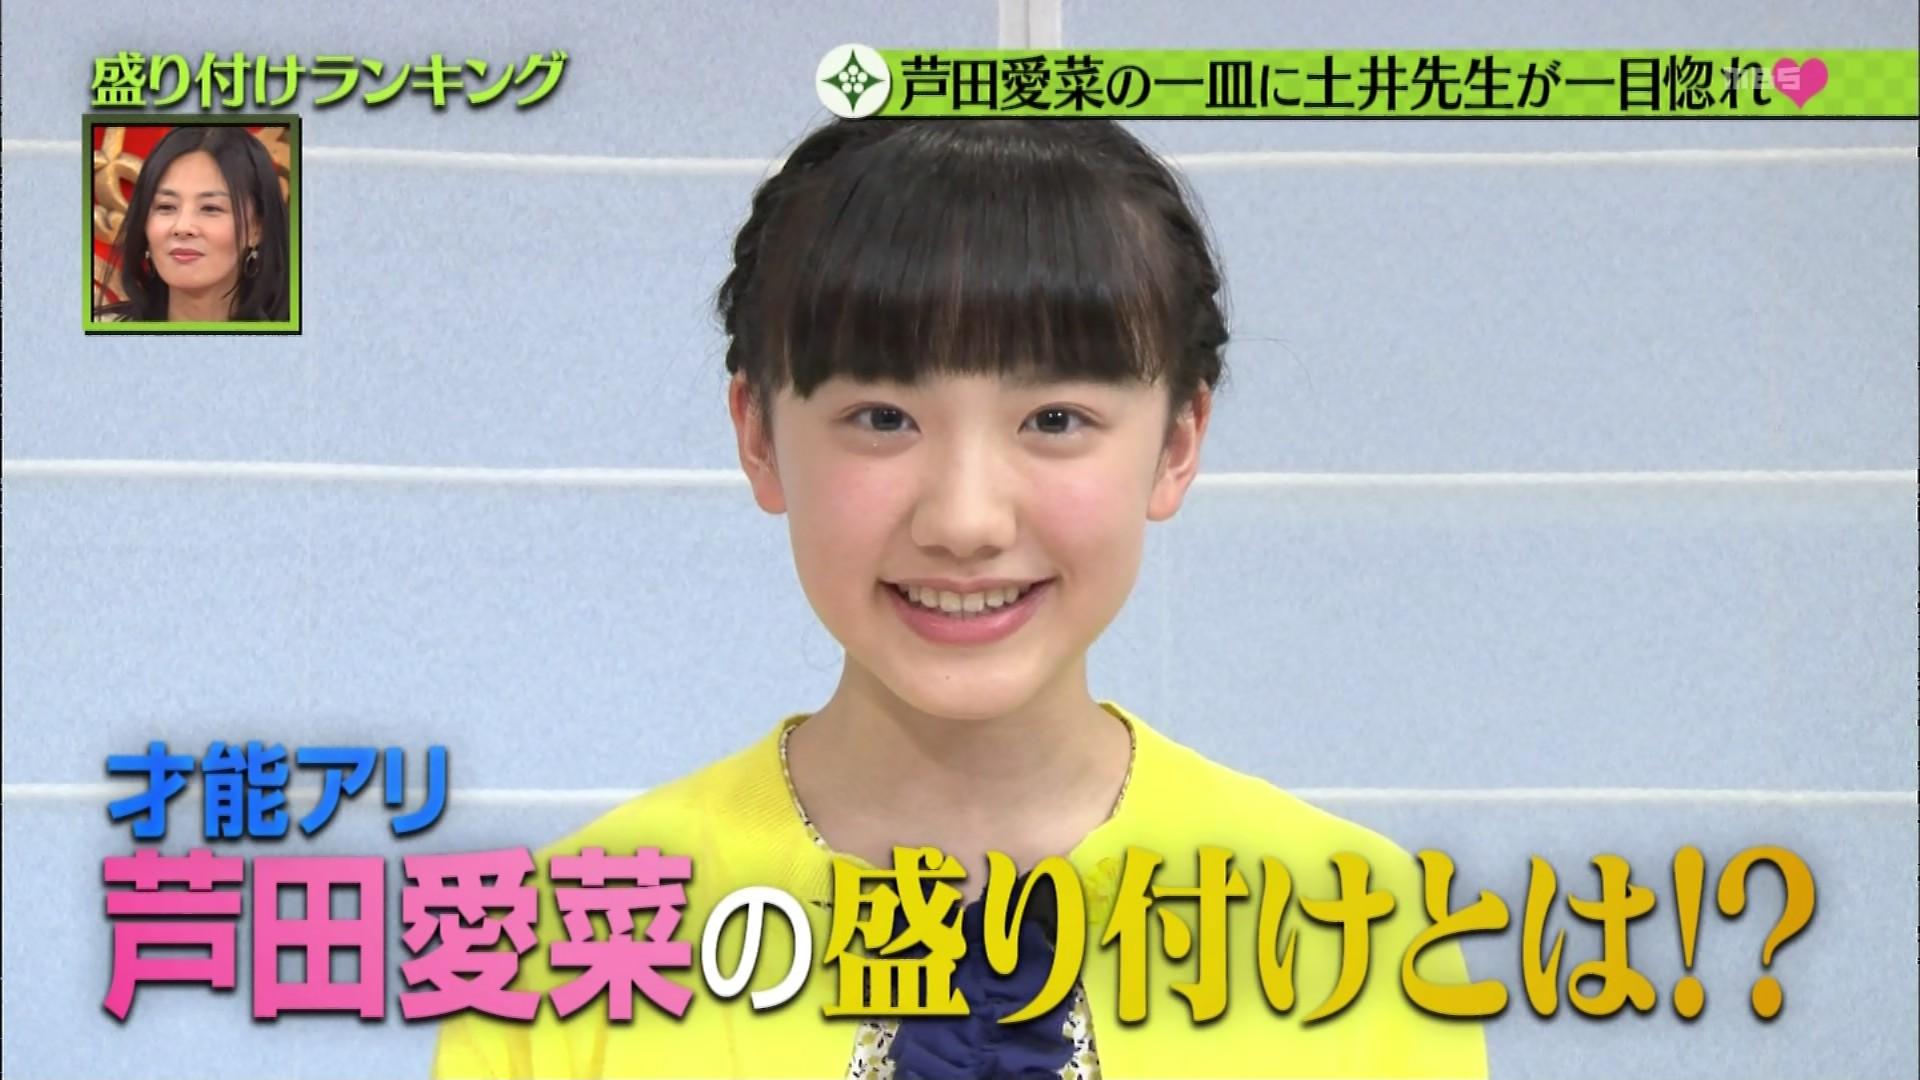 【エンタメ画像】天年子役・芦田愛菜ちゃん(13)の最新画像が可愛すぎて将来はきゃわたんになると話題に